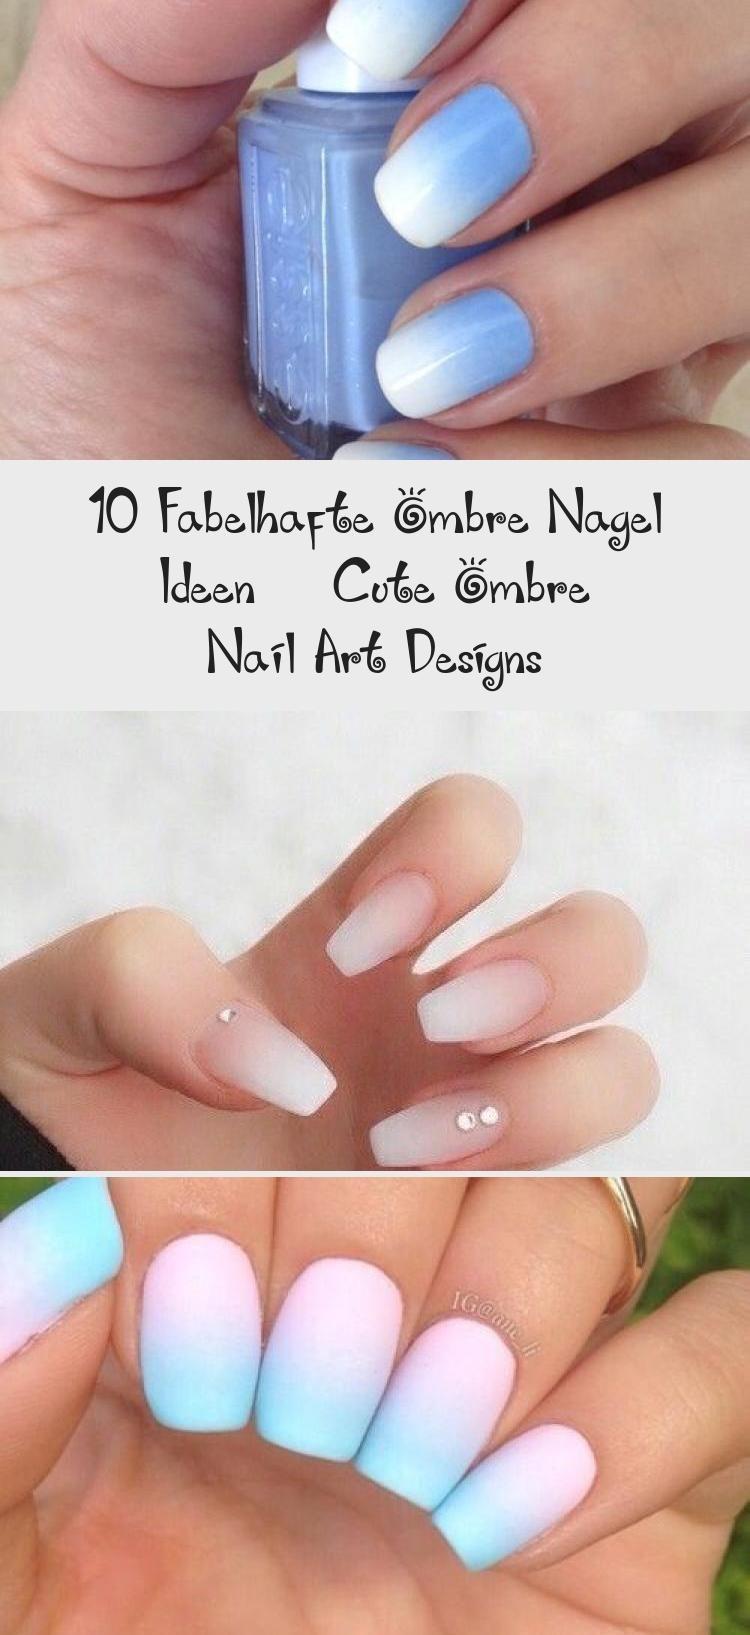 nagel legergroen #nails #nagel 10 fabelhafte Ombre Nagel Ideen - Cute Ombre Nail Art Designs #designs #fabelhafte #ideen #nagel #ombre #nagelVorm #nagelVerzorgen #nagelSummer #nagelLegergroen #nagelLackieren